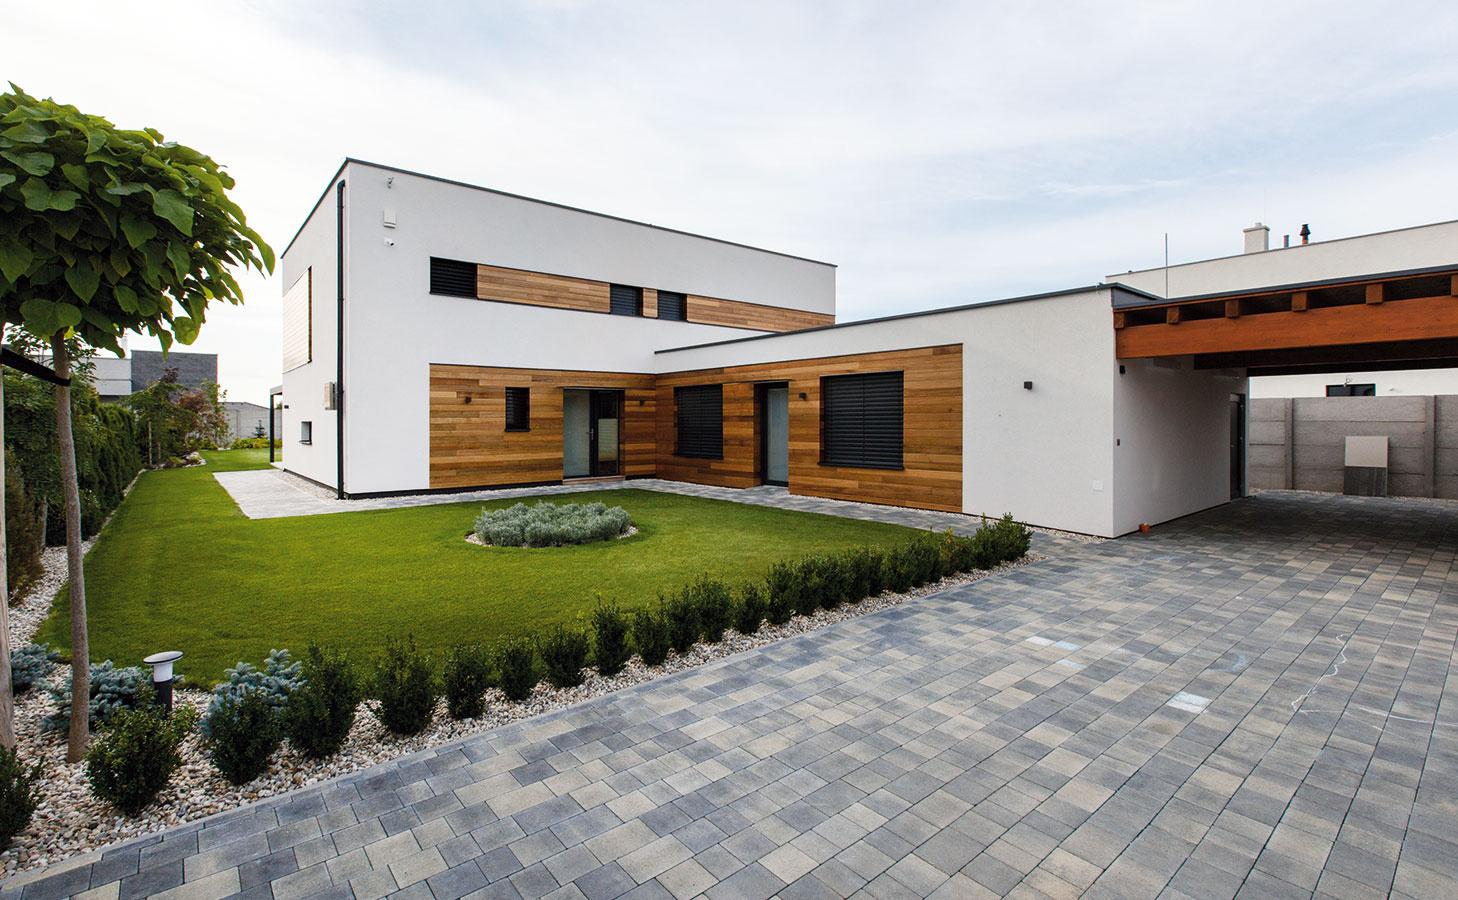 """Kompozíciu fasády, ktorú tvorí odvetrávaný drevený obklad aomietka, upravili architekti podľa predstáv majiteľov. """"Striedaním odlišných materiálov sme chceli fasádu rozčleniť azjemniť,"""" hovorí domáci pán."""